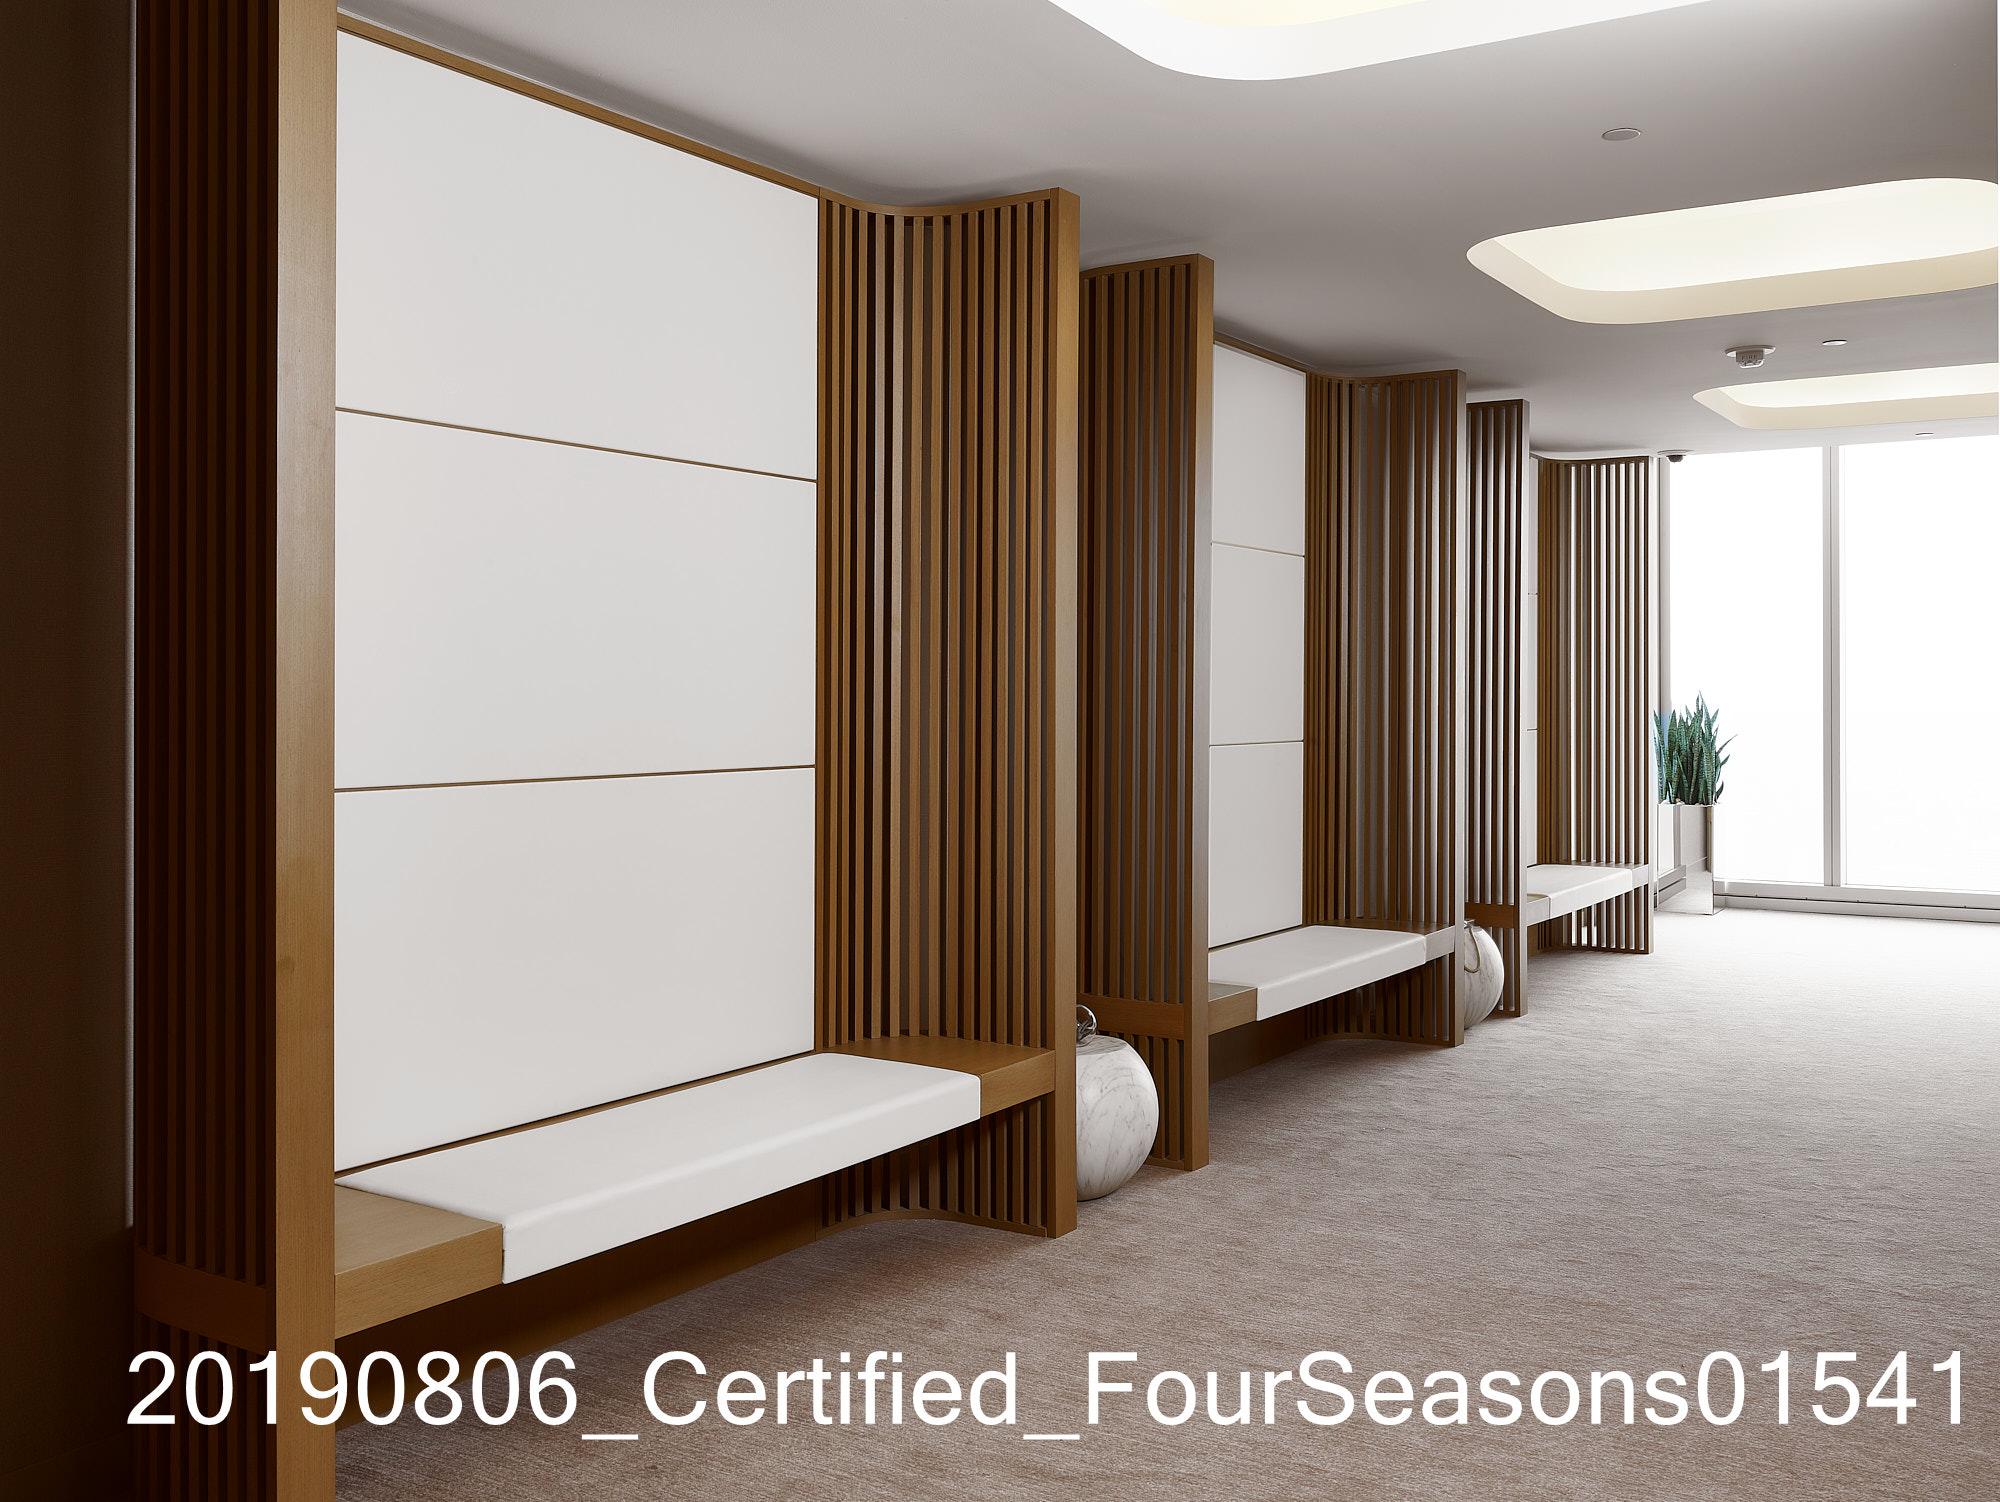 20190806_Certified_FourSeasons01541.jpg